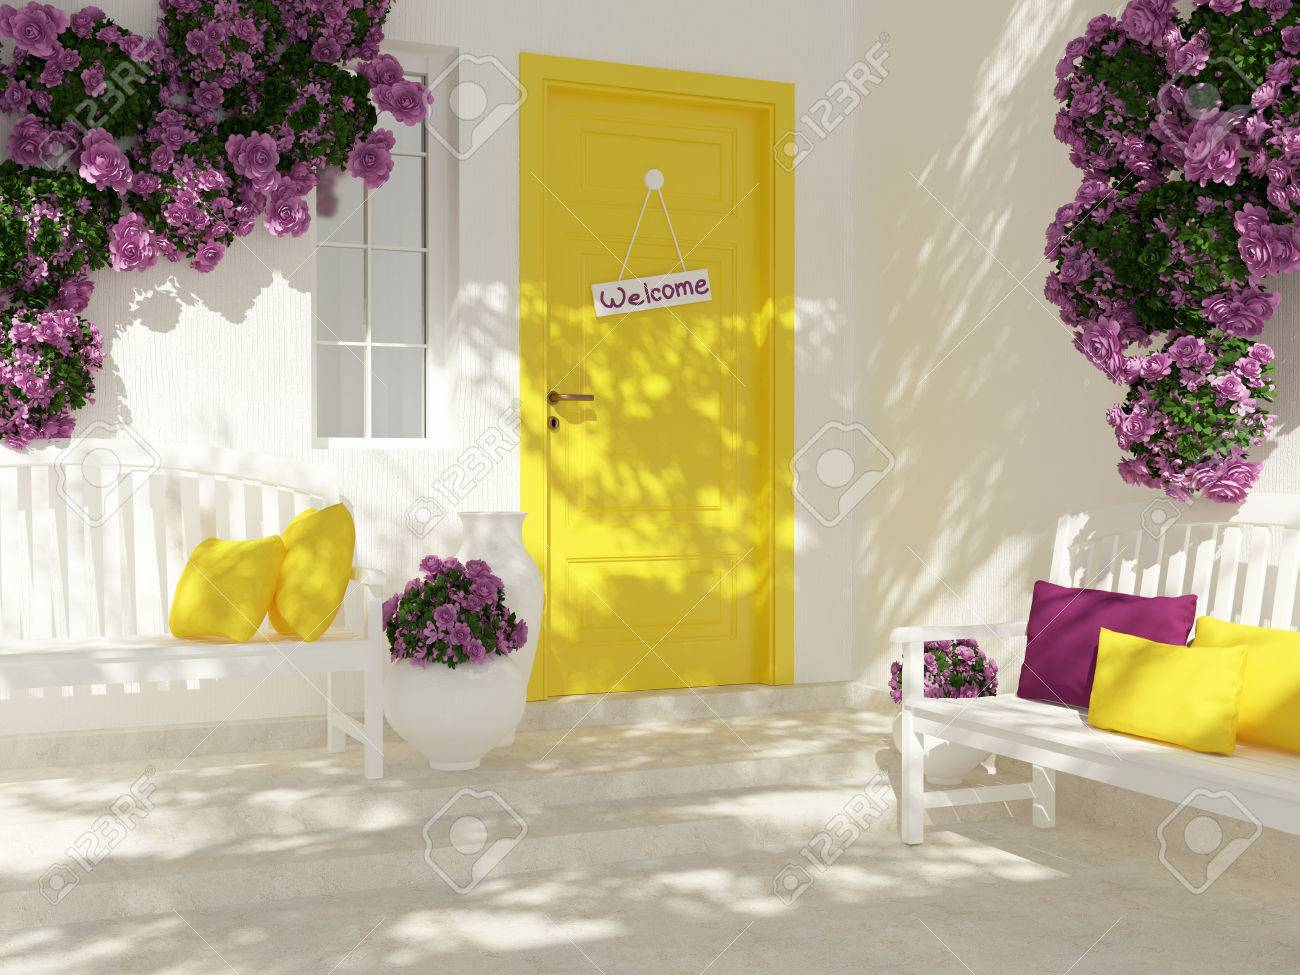 Vista Frontal De La Puerta En Una Casa Blanca Con Ventana. Rosas ...